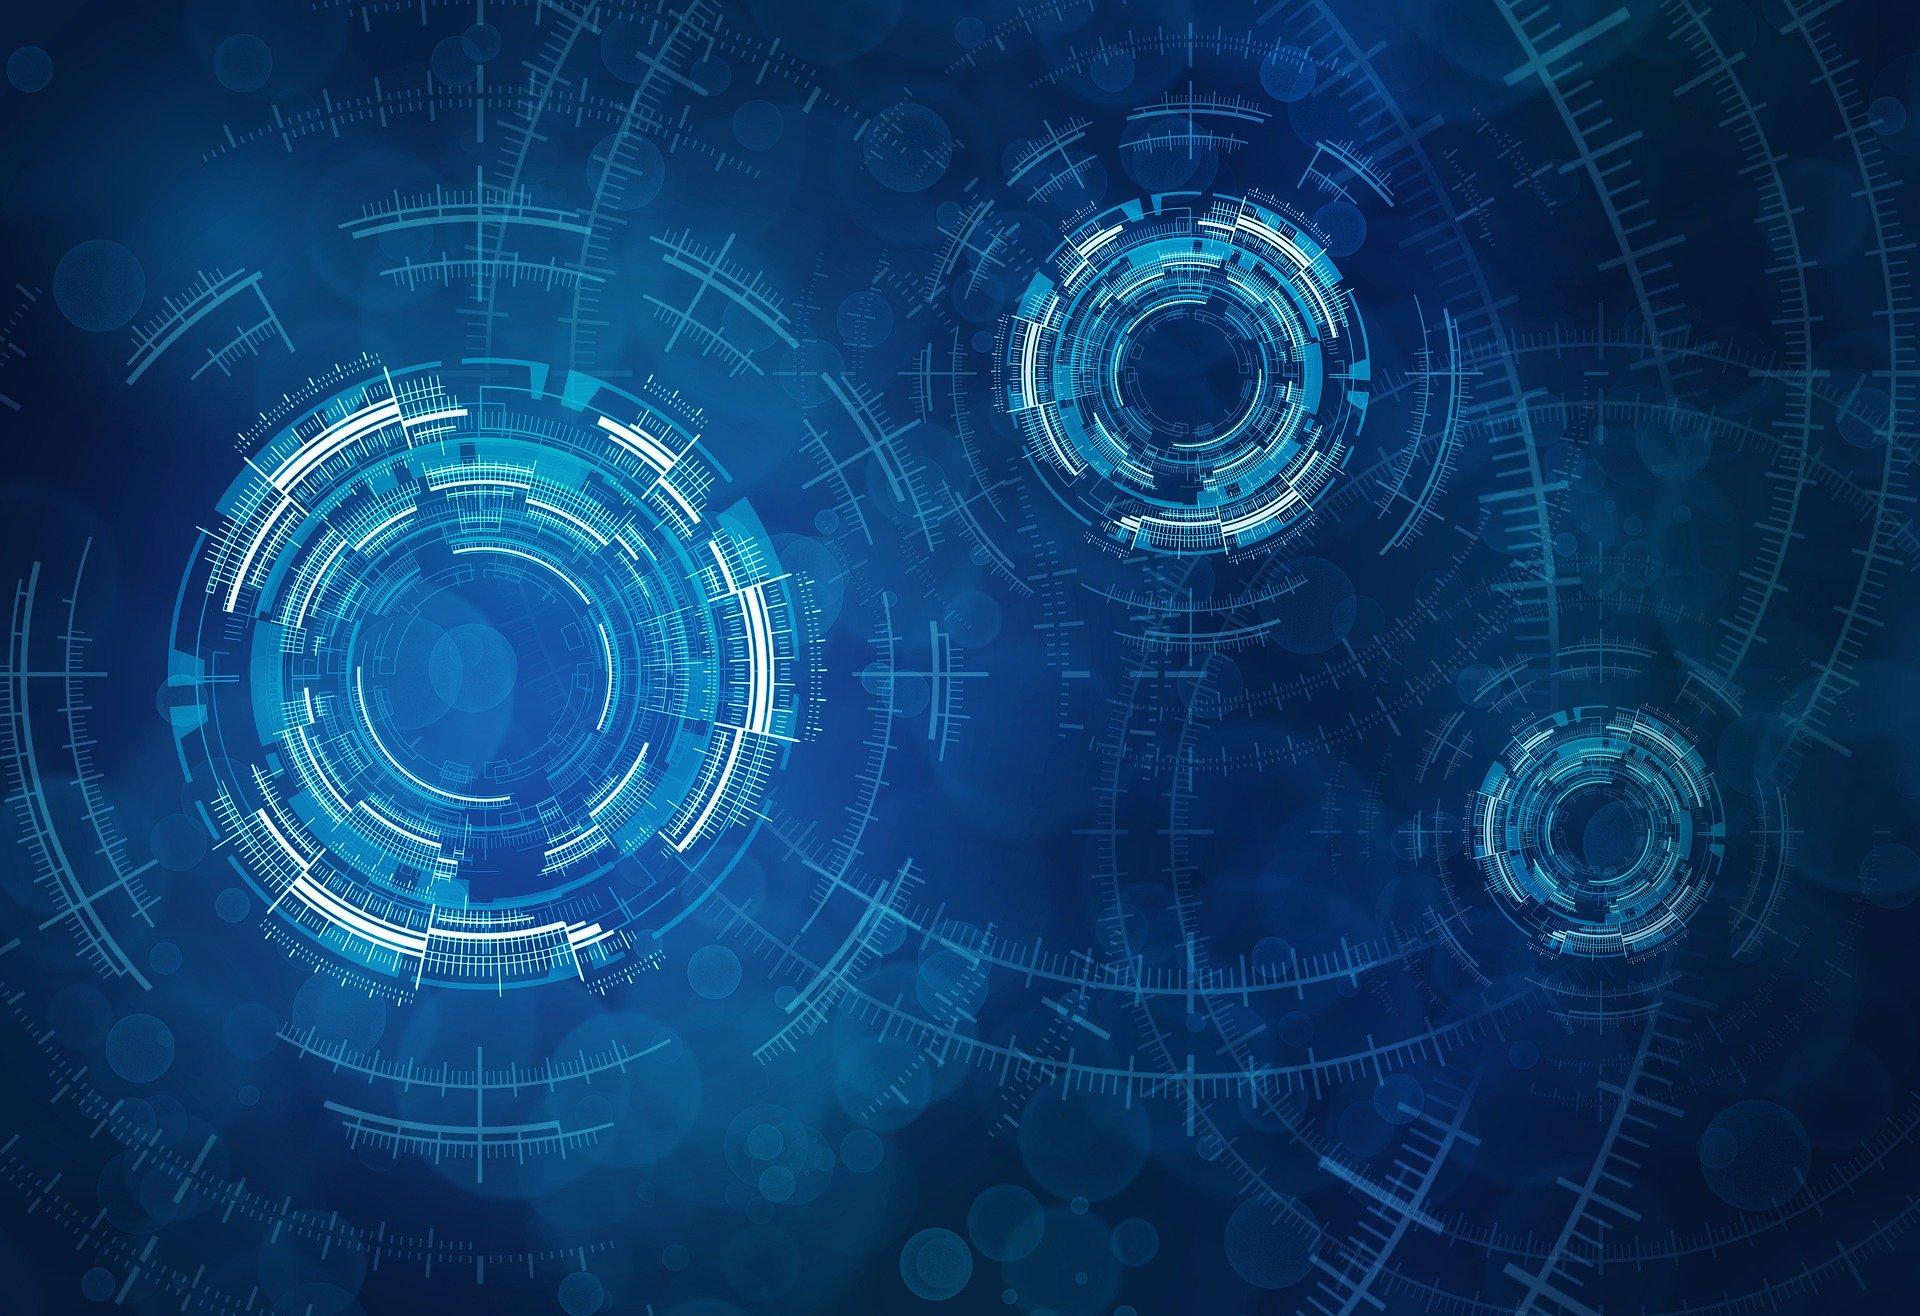 VeChain le proporcionará tecnología blockchain a los miembros de la Alianza de Seguridad Alimentaria y Animal de China